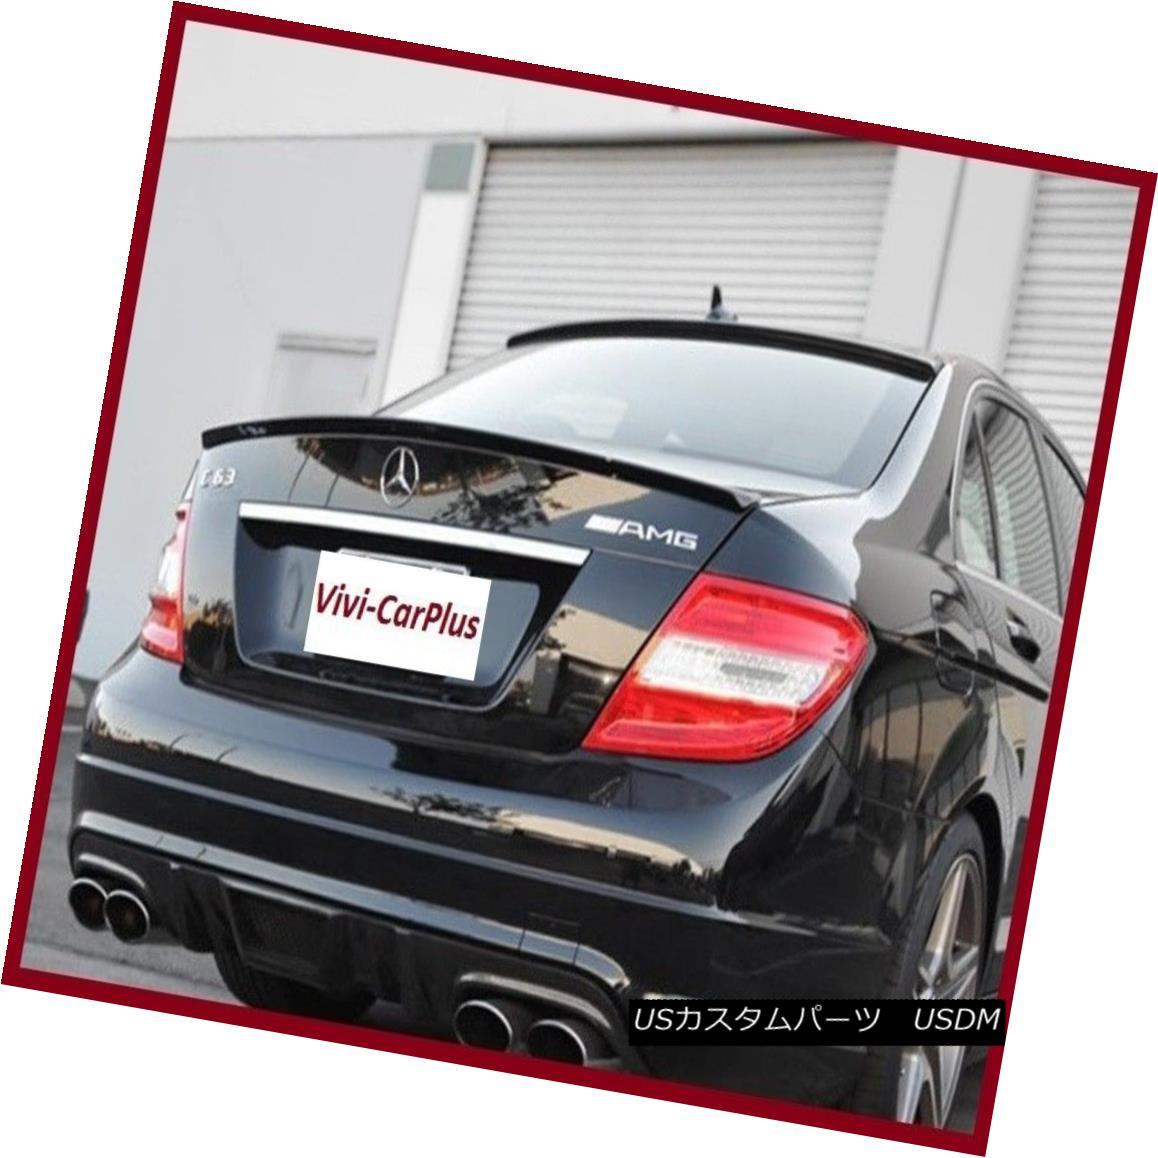 エアロパーツ Select Color 08-14 M-Benz W204 C300 C350 C63 4Dr AMG Type Trunk Boot Spoiler Lip カラーを選択してください08-14 M-Benz W204 C300 C350 C63 4Dr AMGタイプトランク・ブーツ・スポイラー・リップ